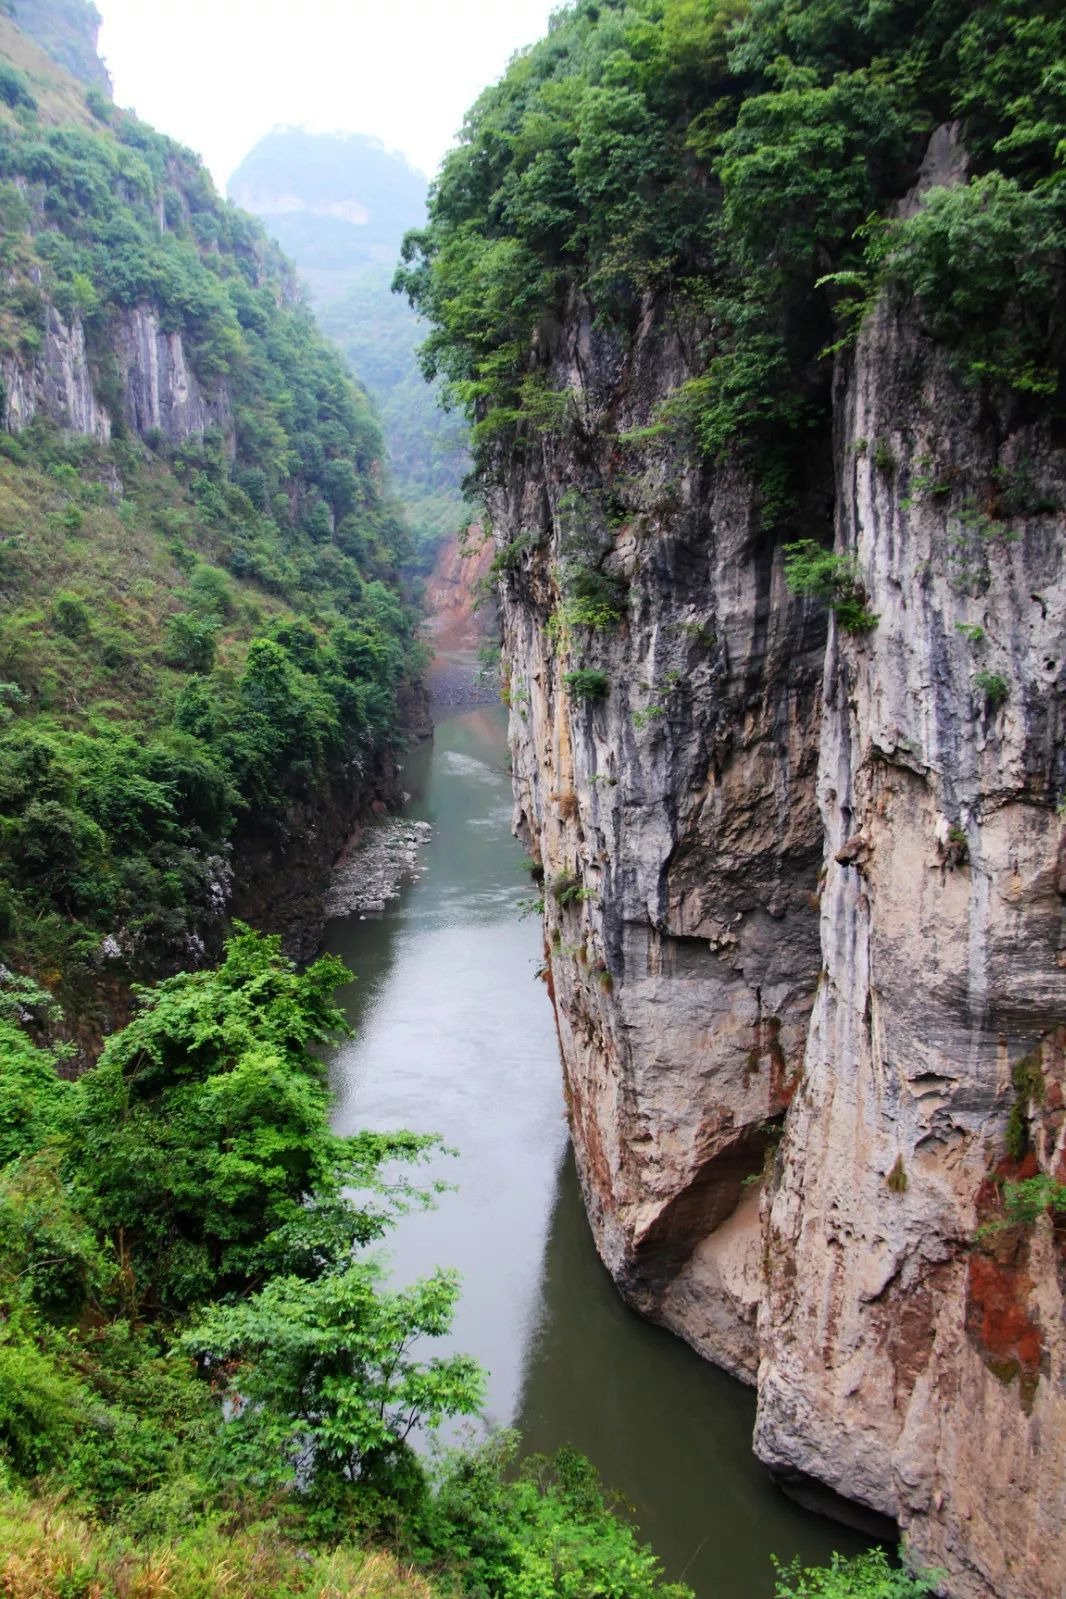 大�9��*zZ�h�K��x�_壁纸 大峡谷 风景 1066_1599 竖版 竖屏 手机